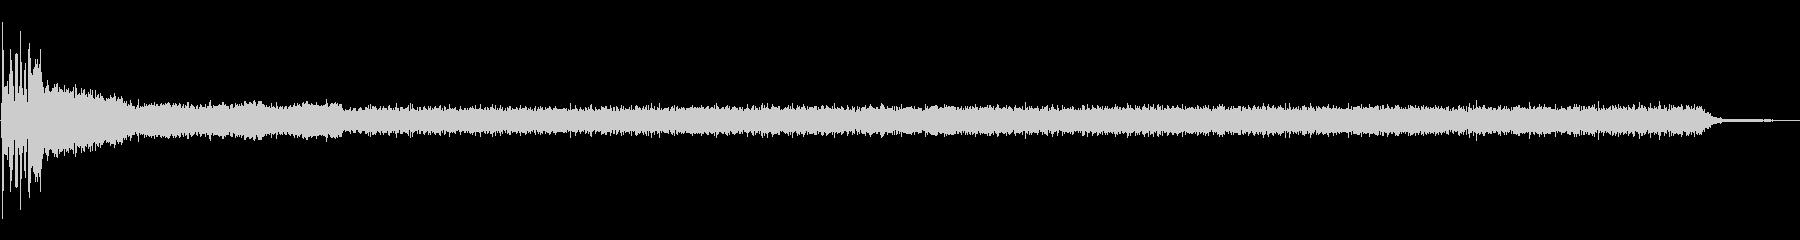 ジープ:エクステリア:スタート、ア...の未再生の波形